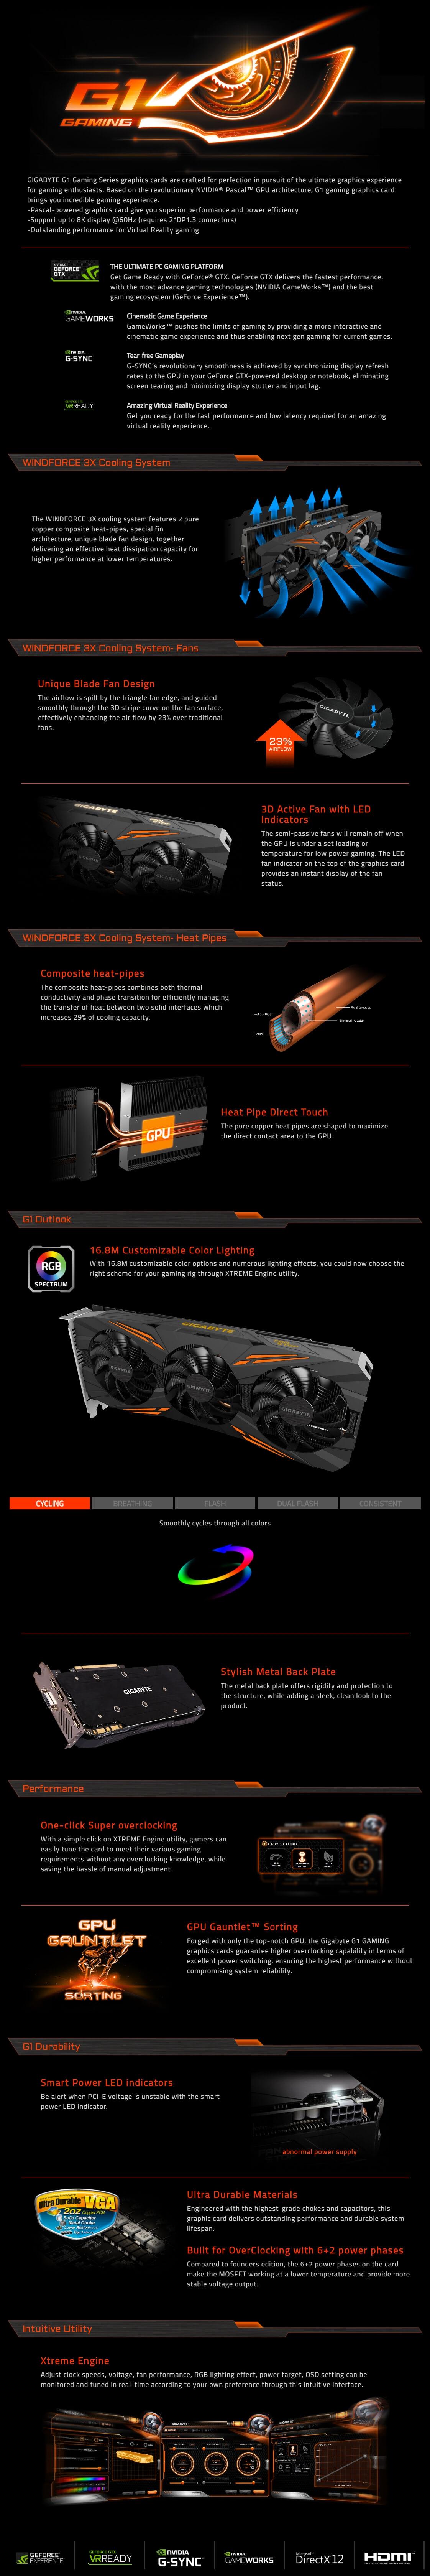 GTX 1070 G1 Gaming Full Spec